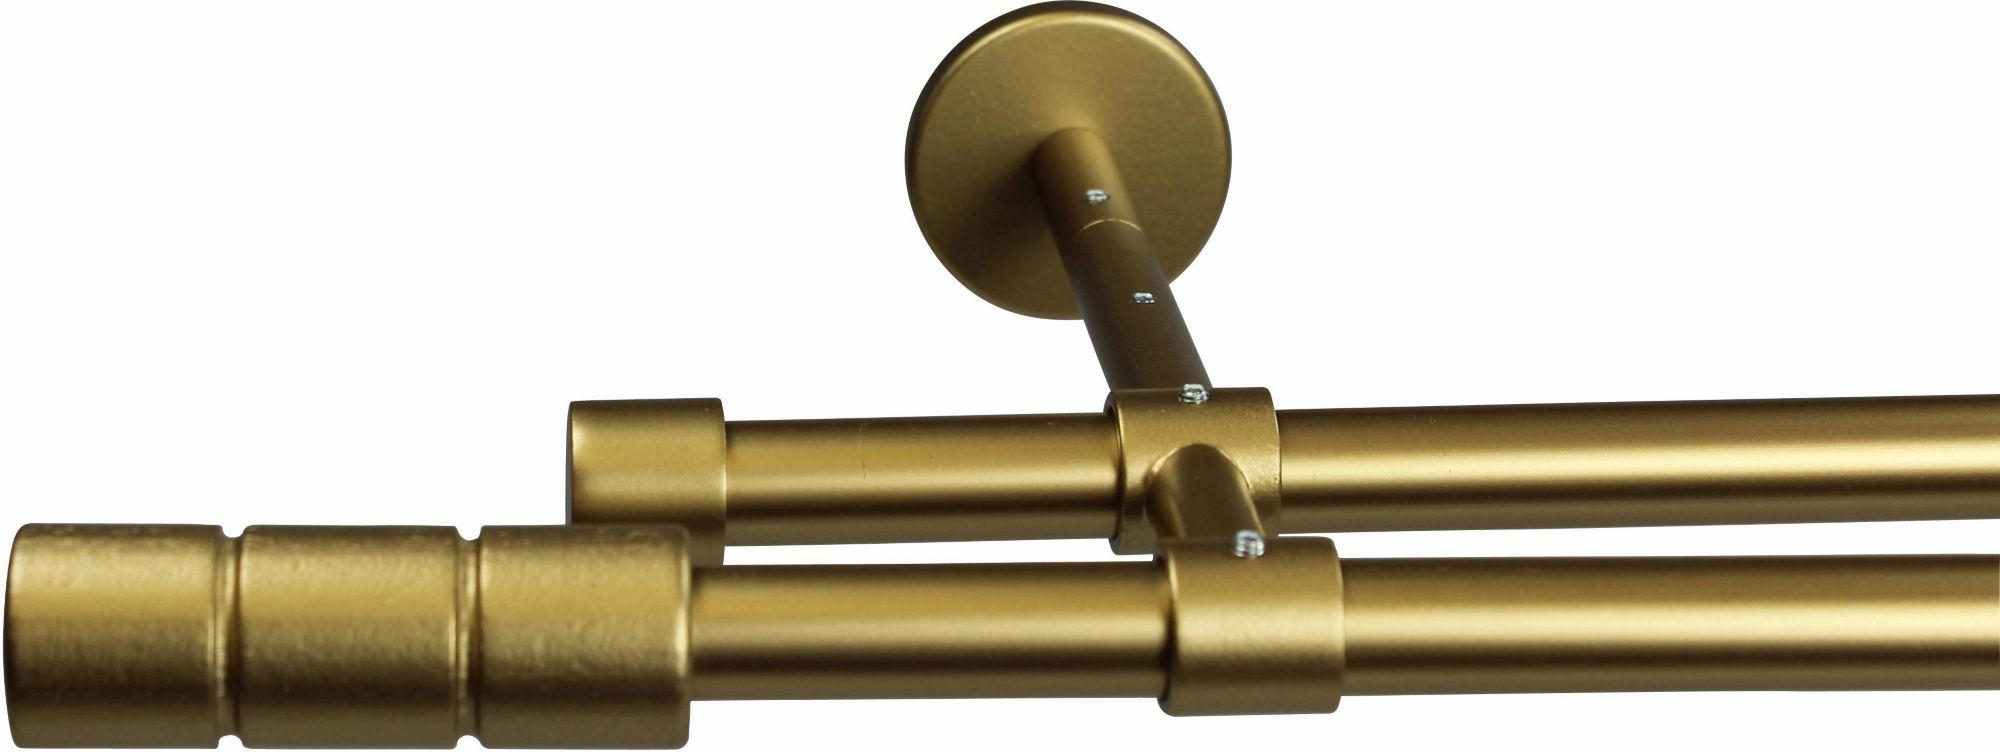 GARESA Gardinenstange 16 mm Staura, ohne Ringe, mit geschlossenen Träger, nach Maß